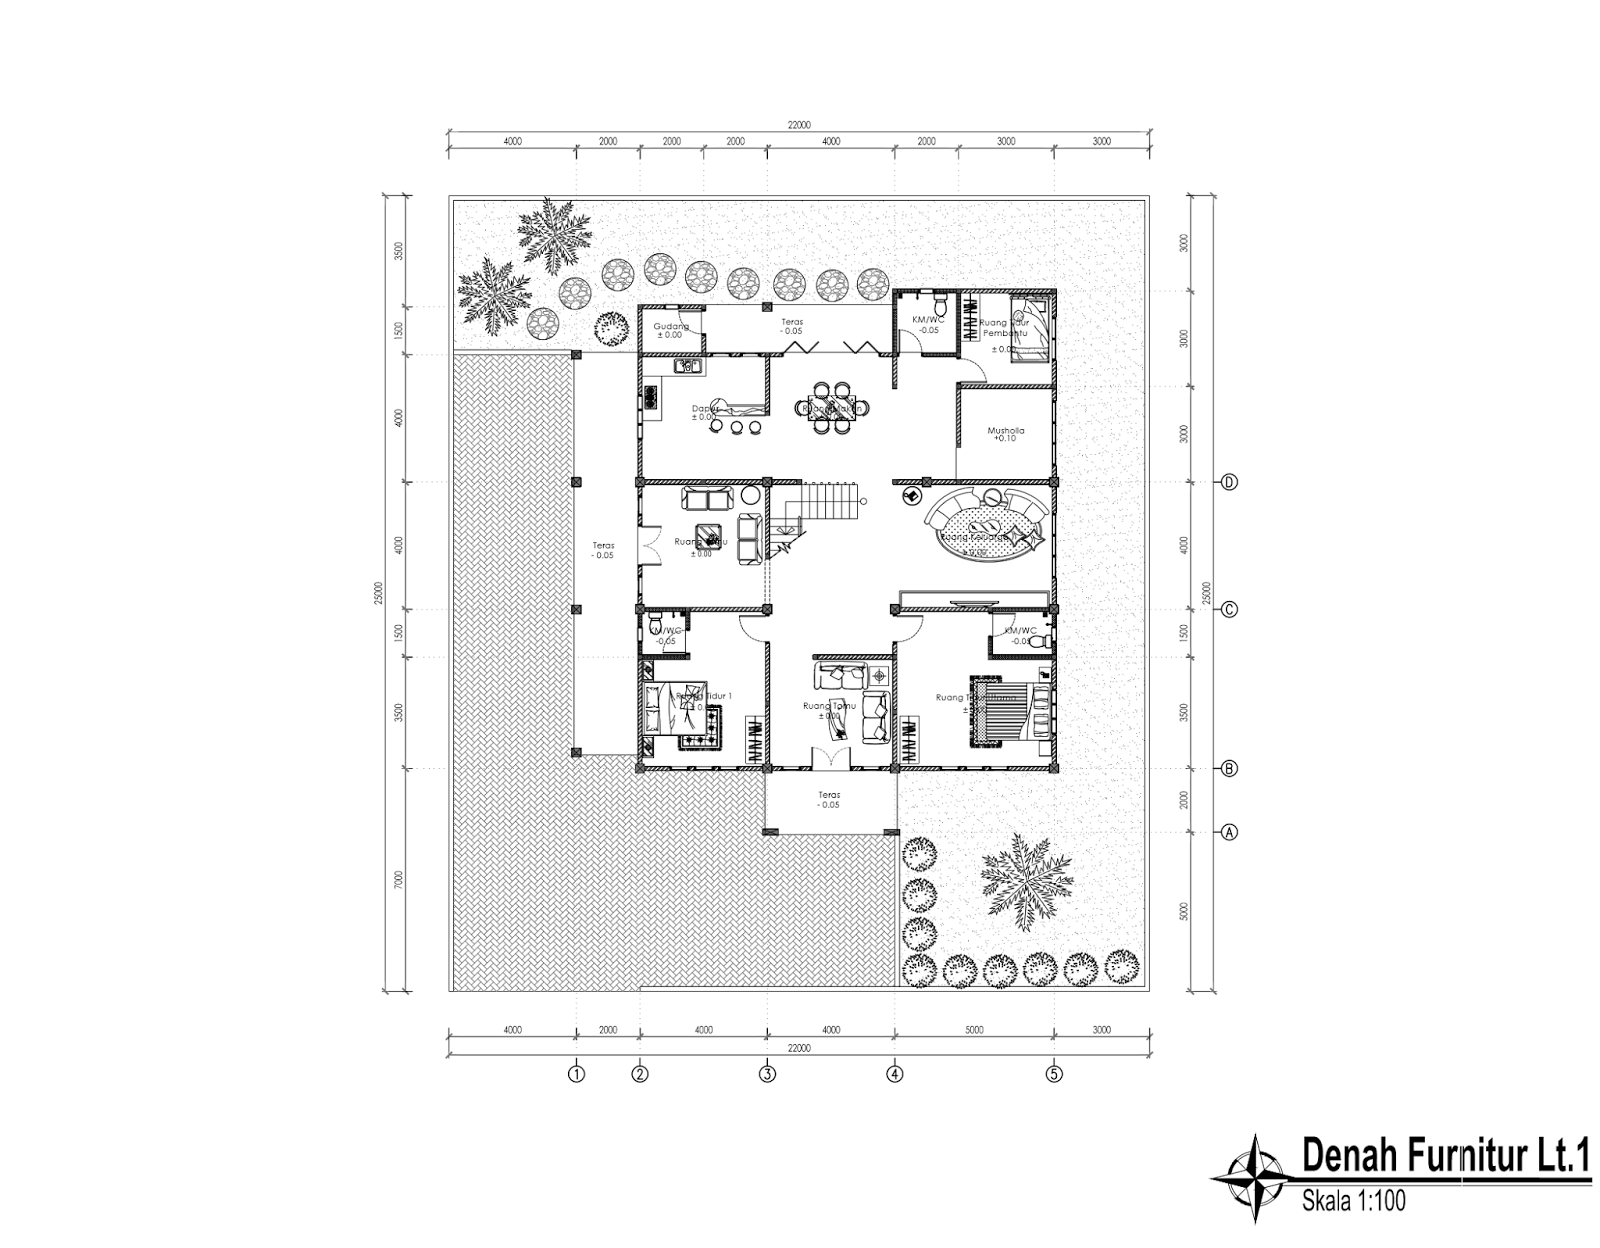 6200 Koleksi Gambar Bestek Rumah 2 Lantai Pdf HD